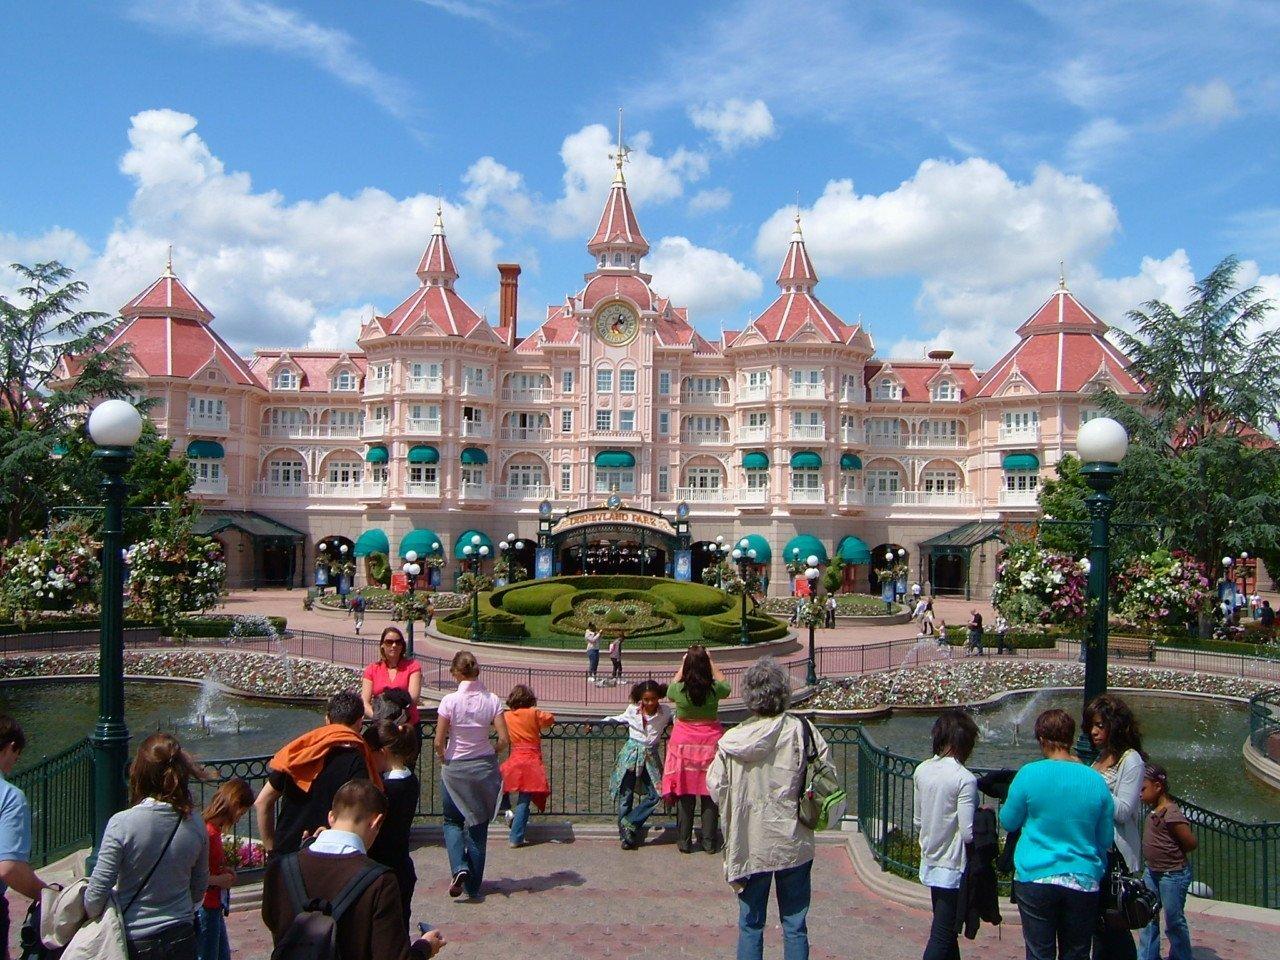 castello principesse, disneyland paris risparmiando, hotel disneyland parigis